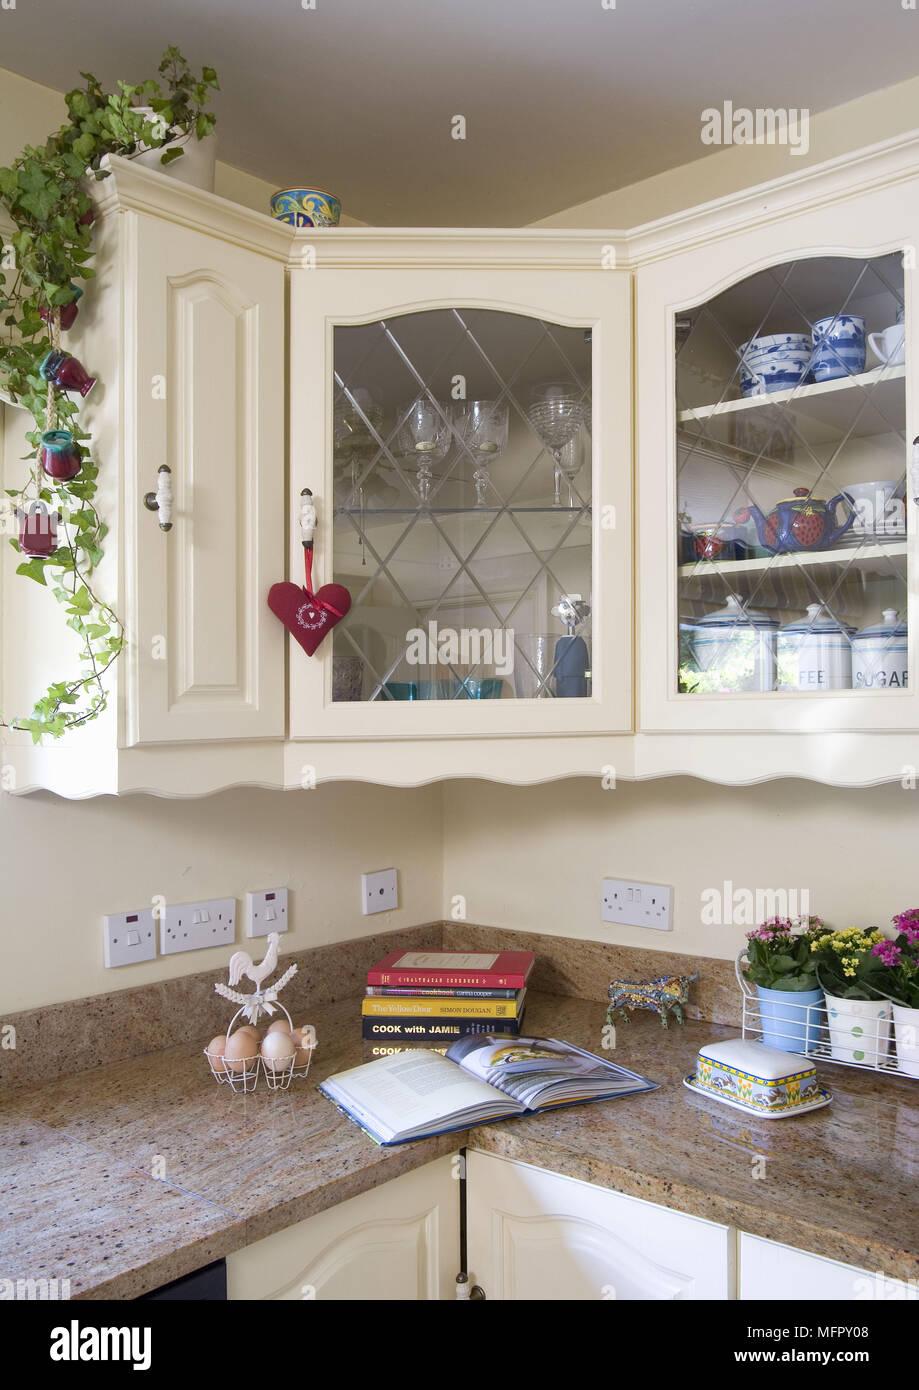 Moderne Shaker style Küche mit Creme Einheiten Stockfoto, Bild ...